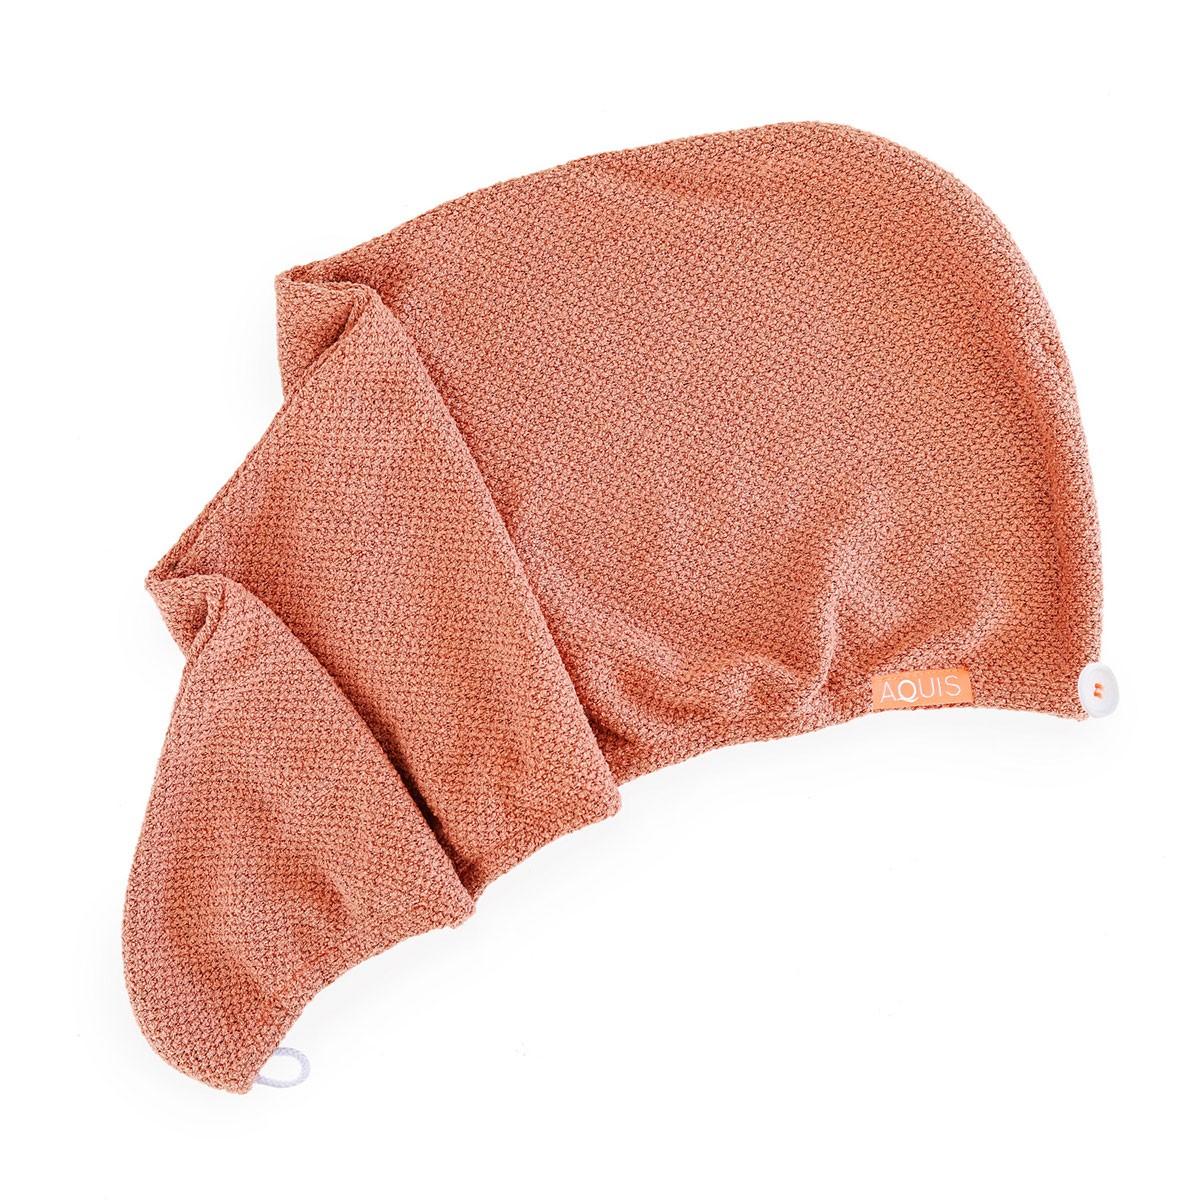 Aquis Copper Sure Rapid Dry Hair Wrap - toalla para secar el cabello rapido